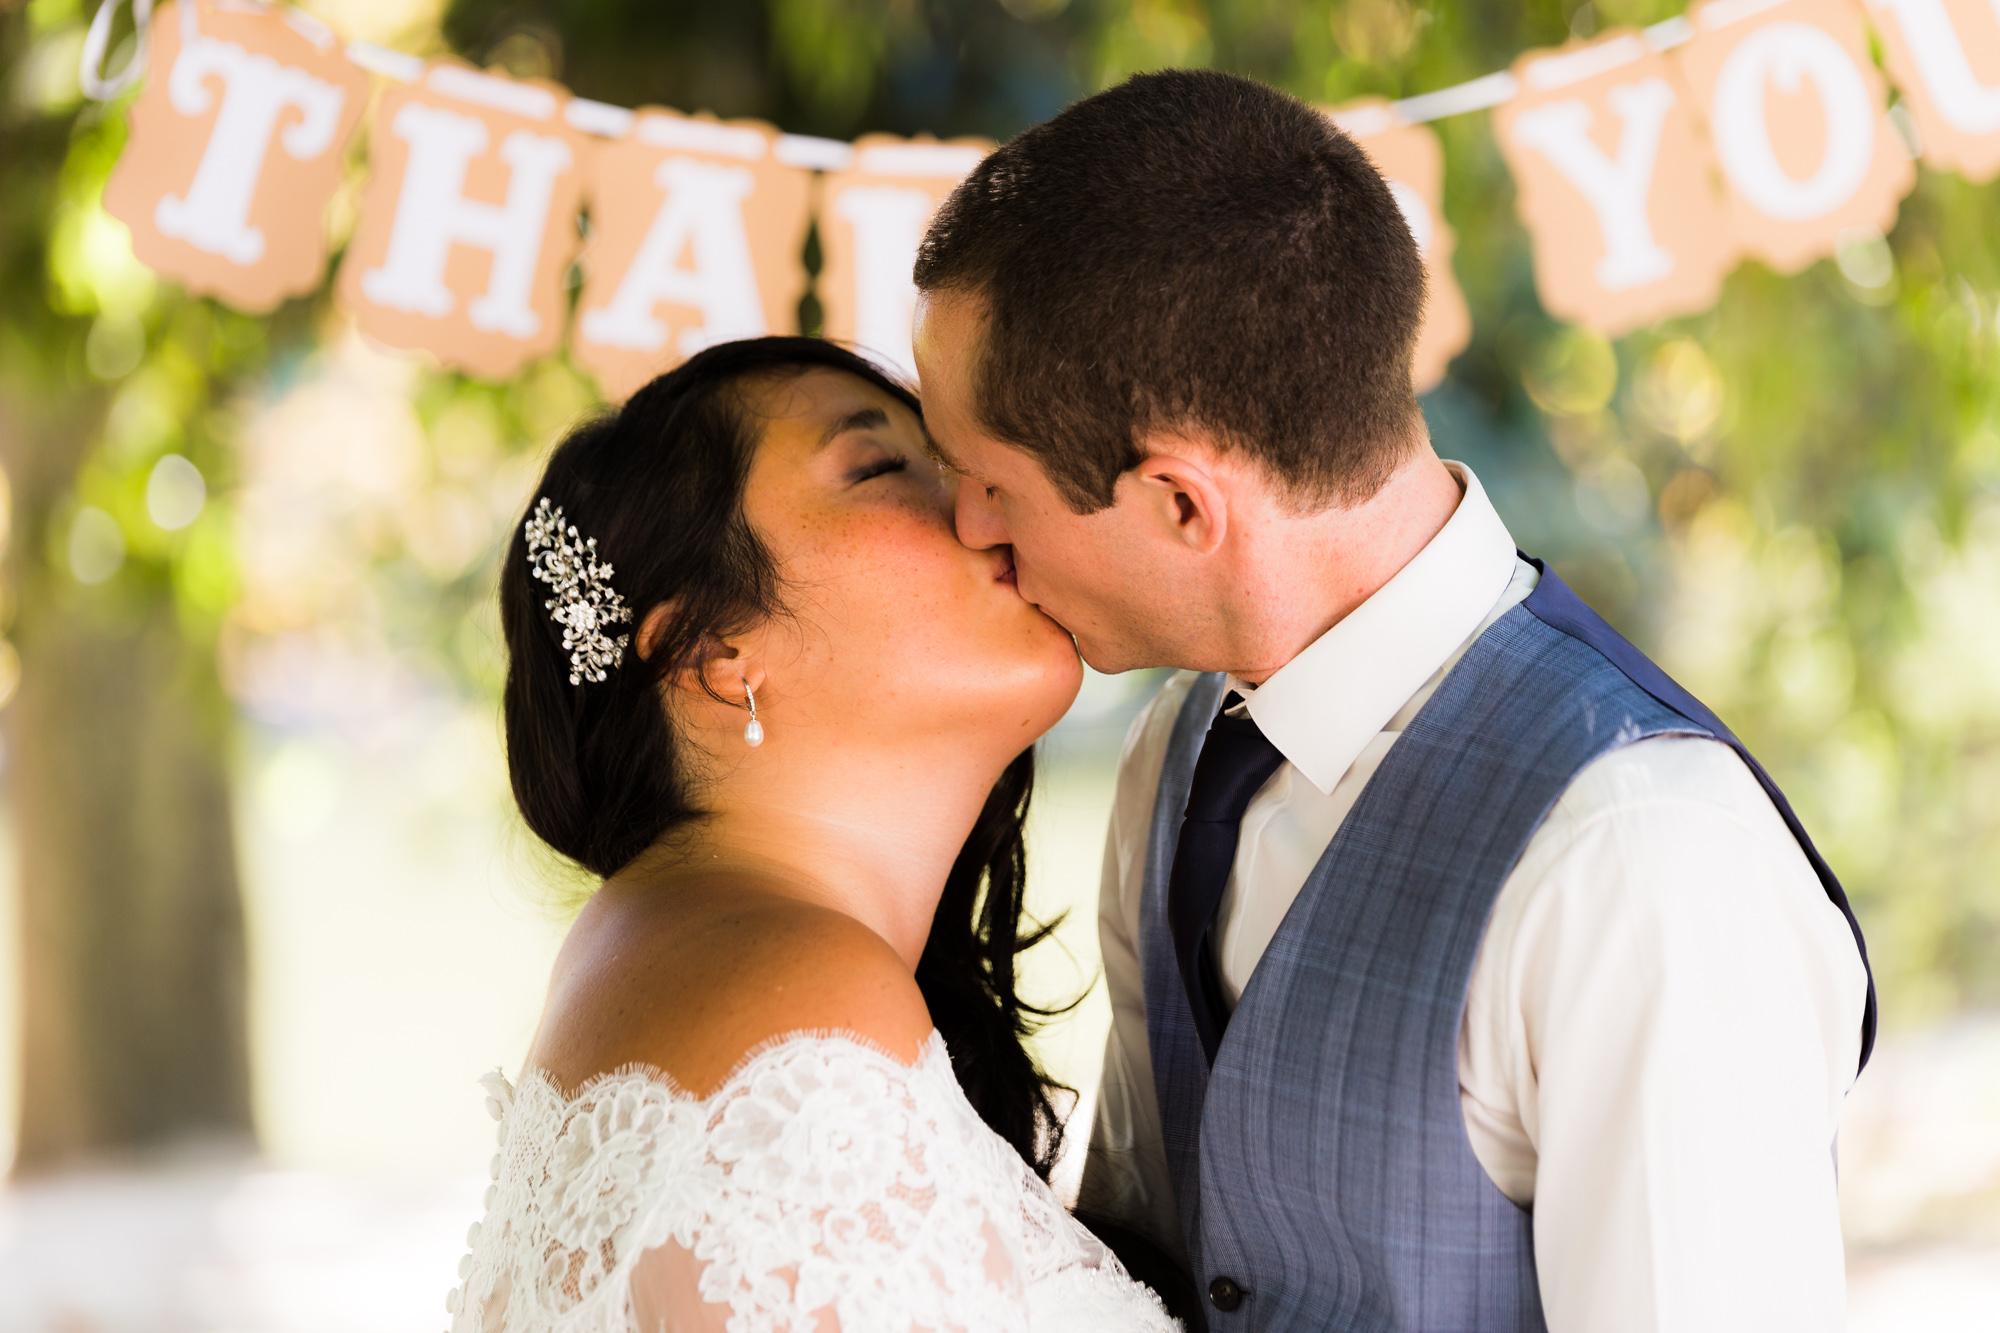 Mariage au Chalet de la Porte Jaune baiser du couple asiatique